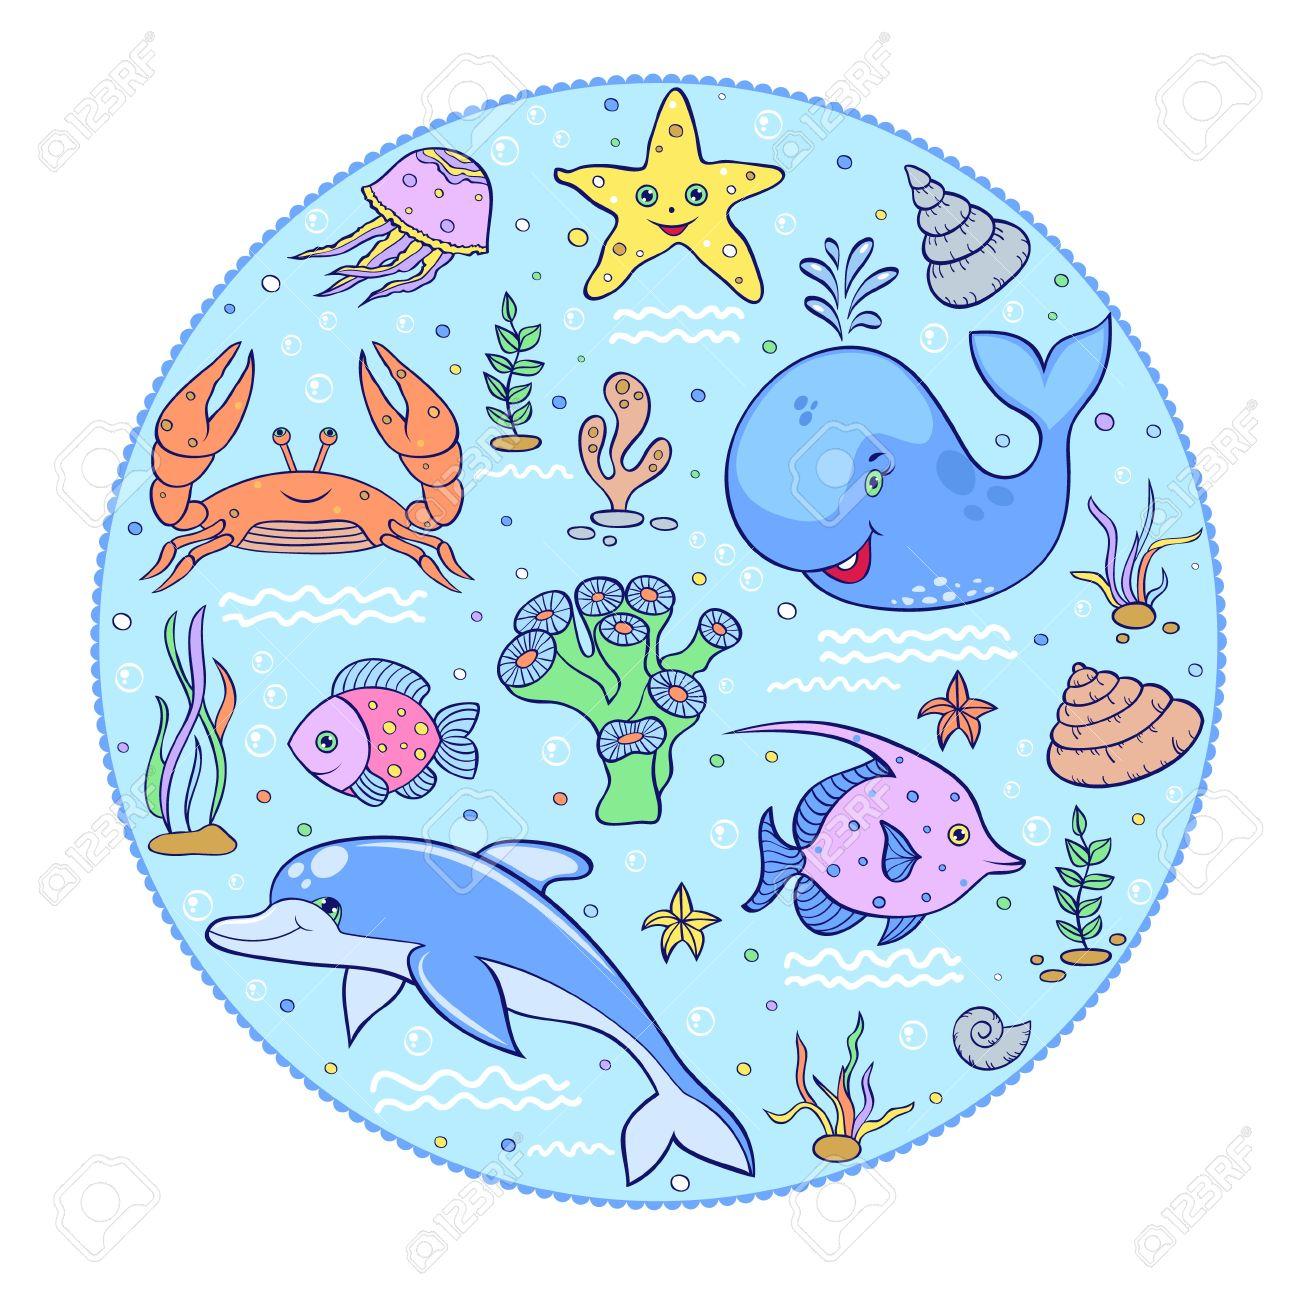 La balena clipart #7